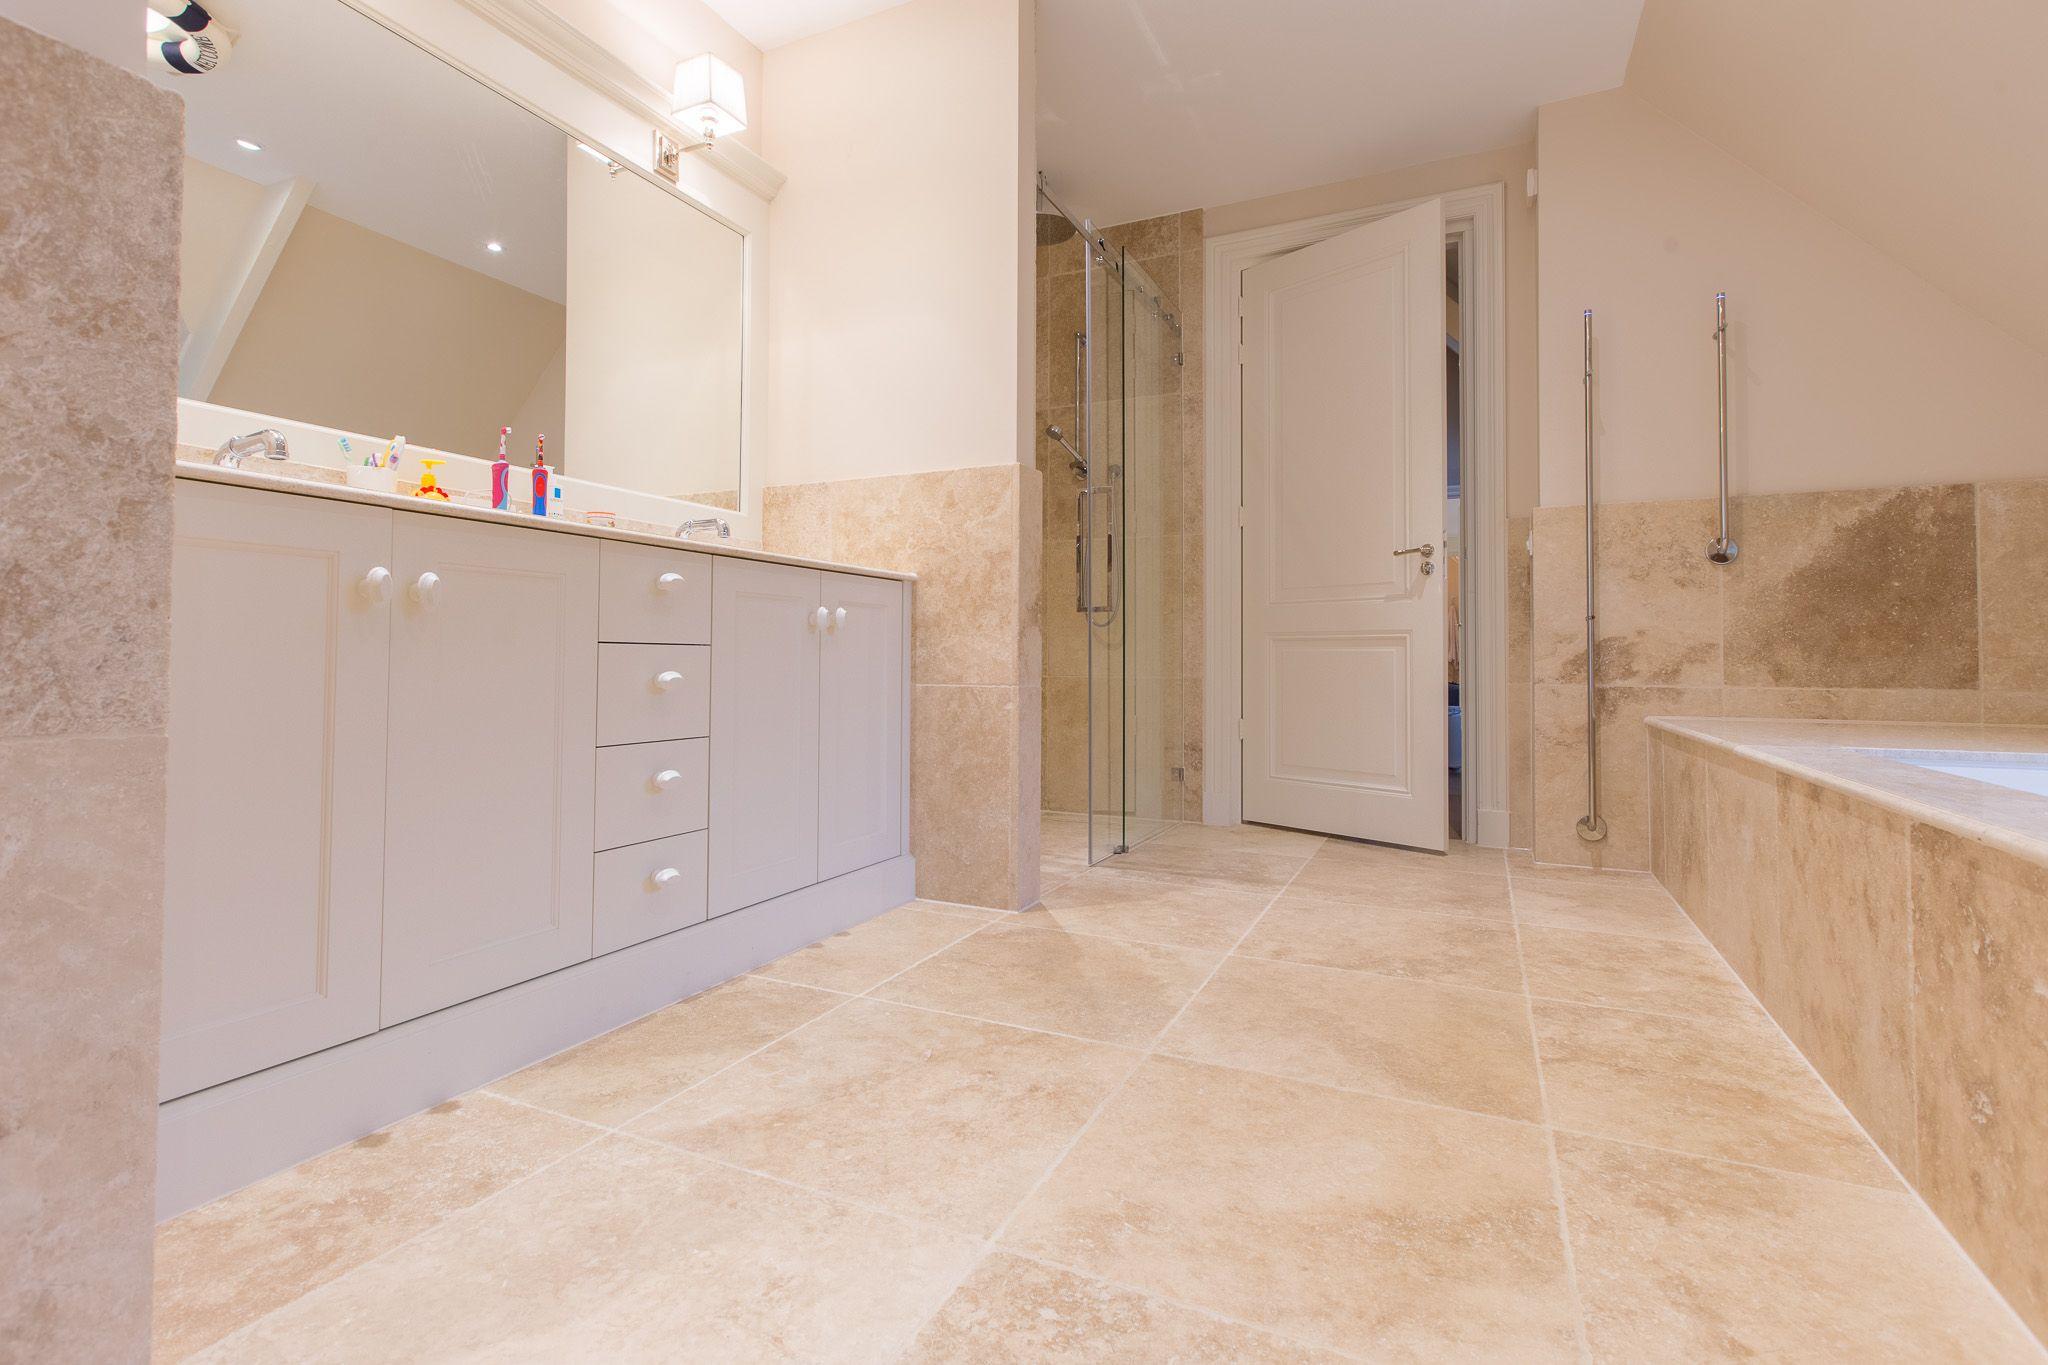 Travertin Tegels Badkamer : Prachtige travertin badkamer met perlato maatwerk door van den